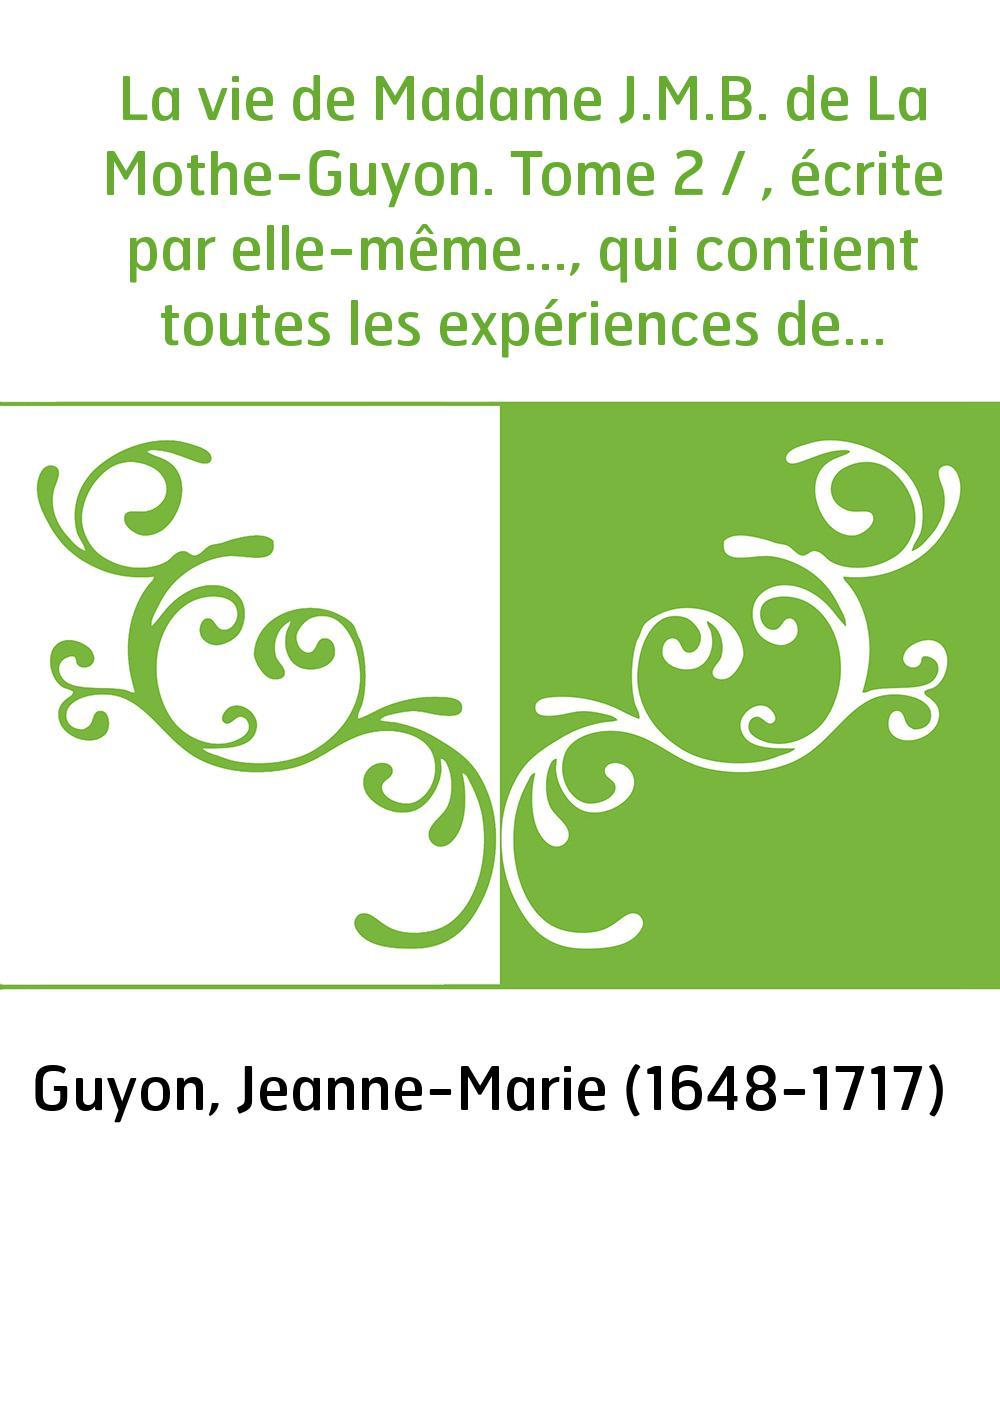 La vie de Madame J.M.B. de La Mothe-Guyon. Tome 2 / , écrite par elle-même..., qui contient toutes les expériences de la vie int